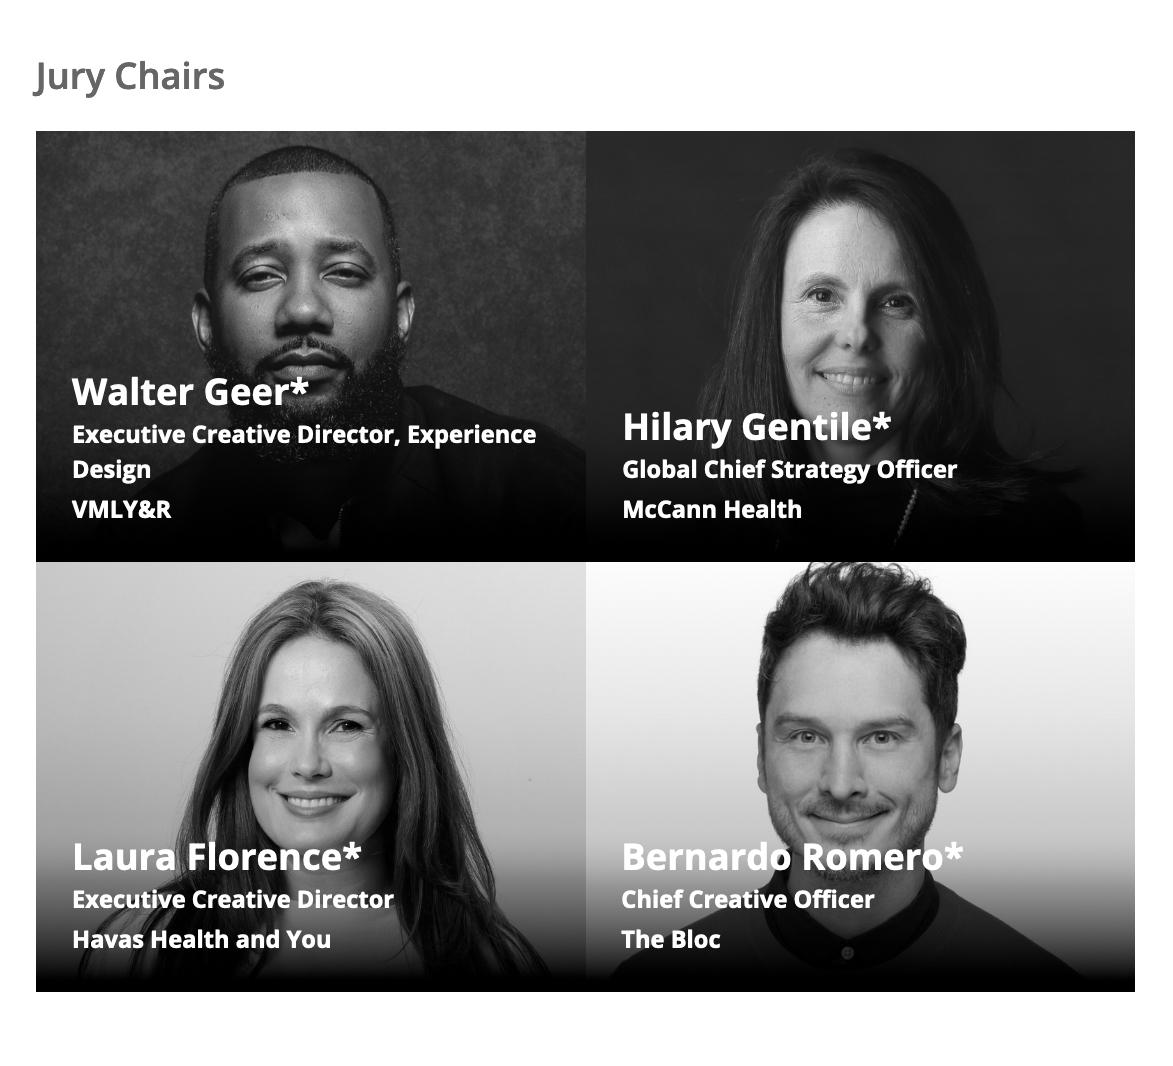 jury chairs